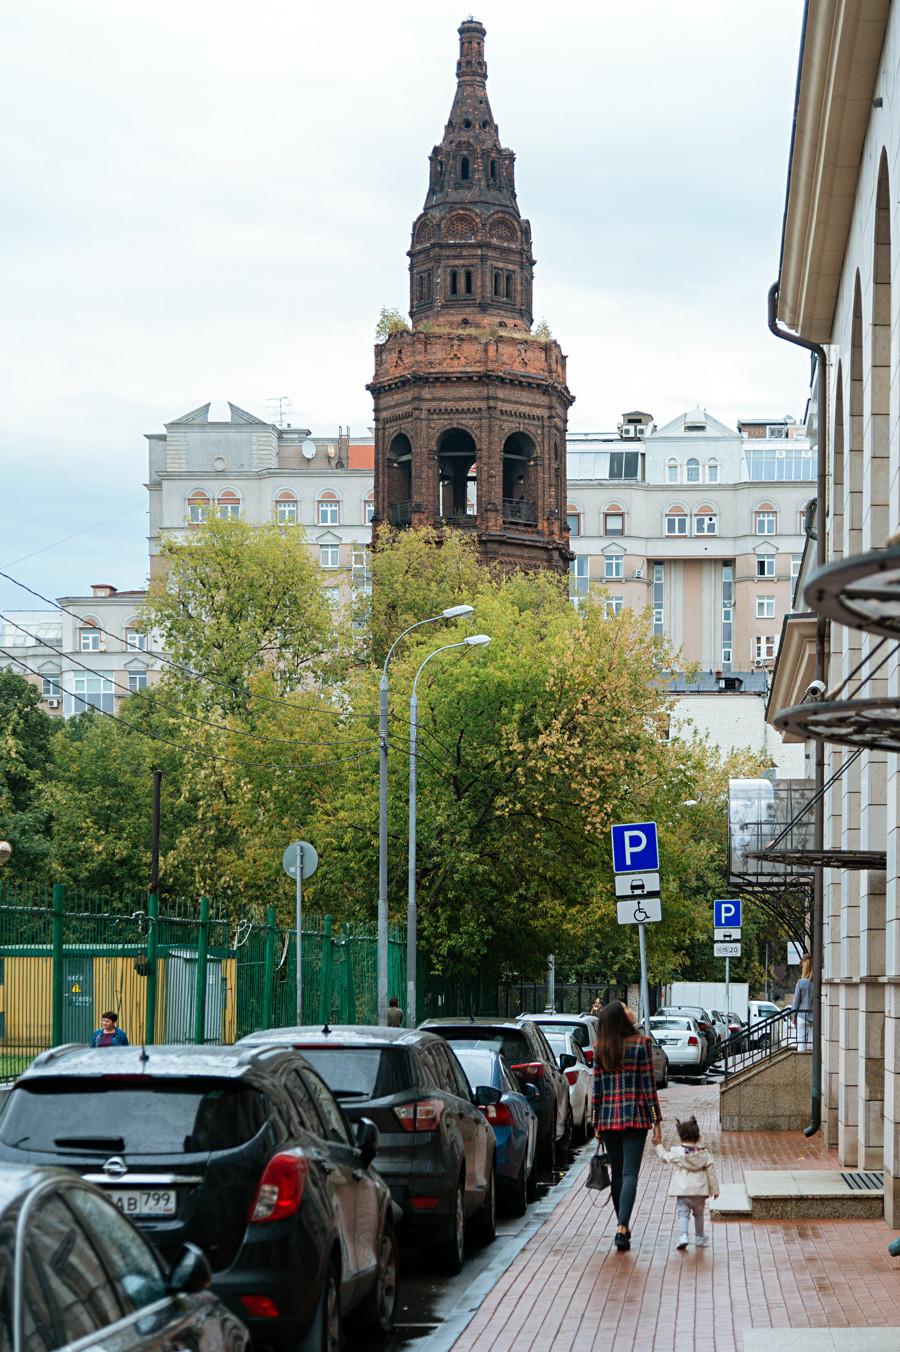 Clocher de l'église Saint-Nicolas (1905) au milieu d'édifices résidentiels, sur la rue Dolgoroukovskaïa.